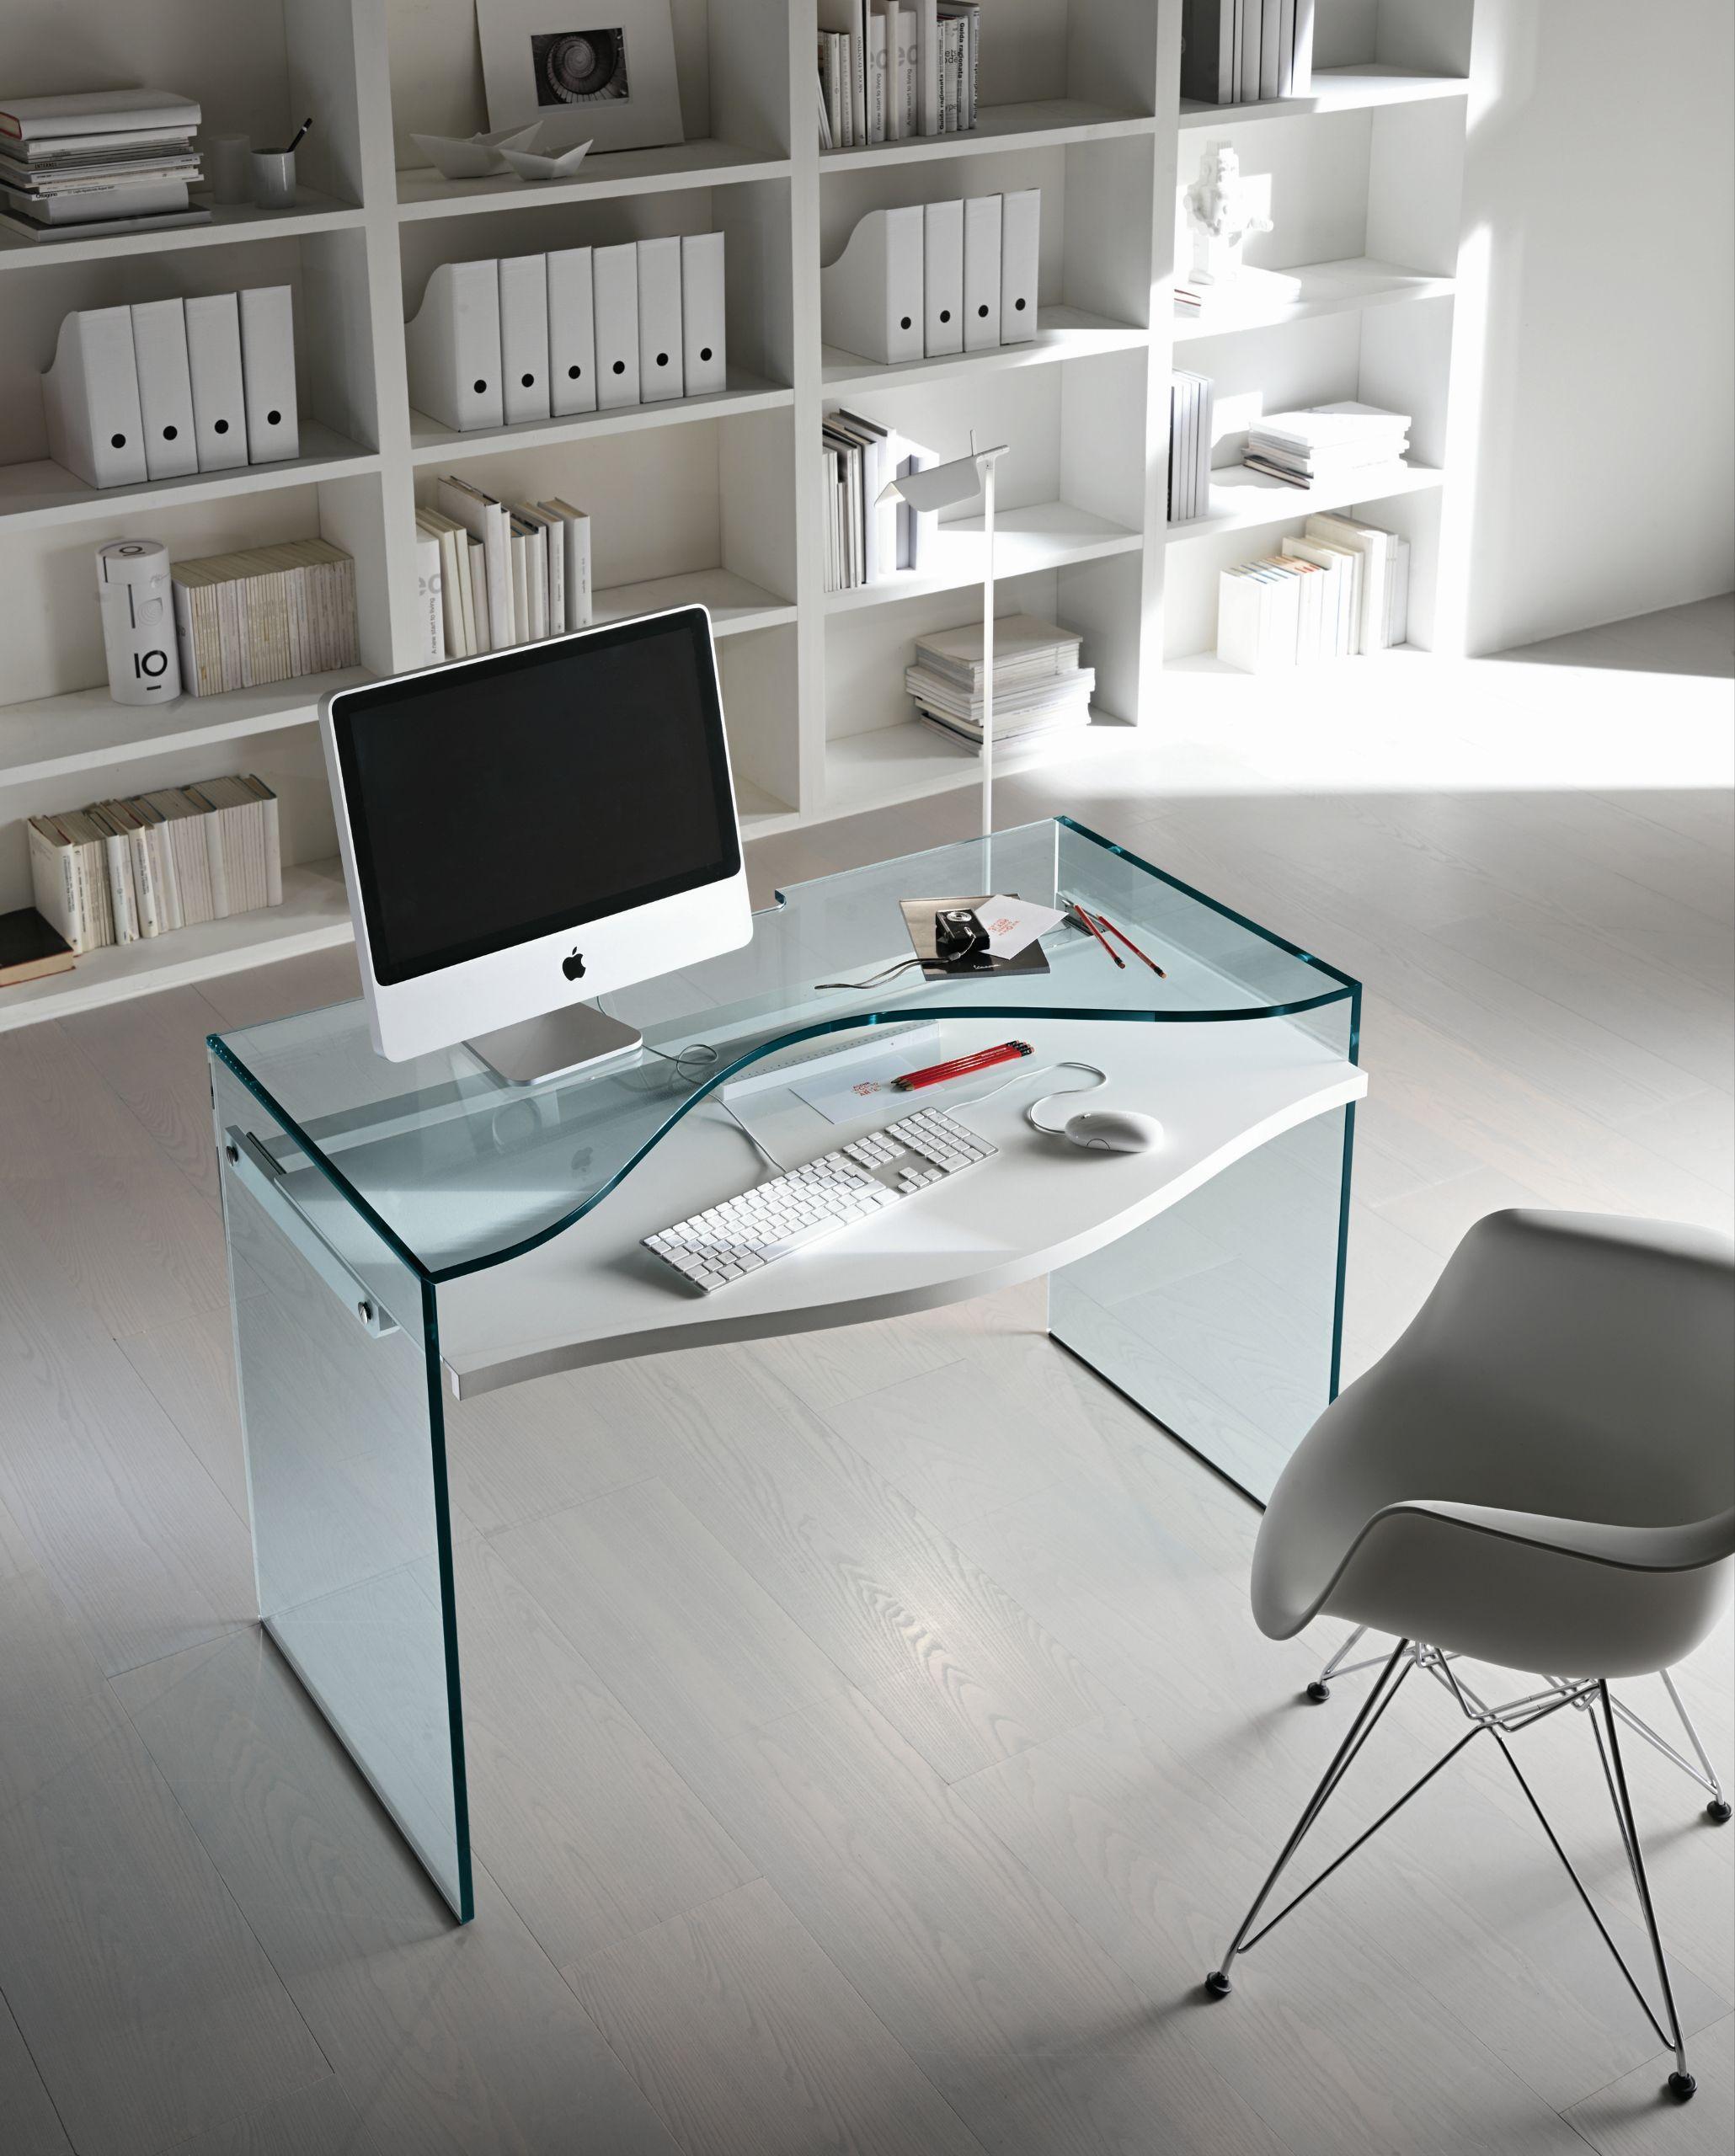 Escritorio de vidrio para pc strata t d tonelli design for Mesa cristal mapamundi